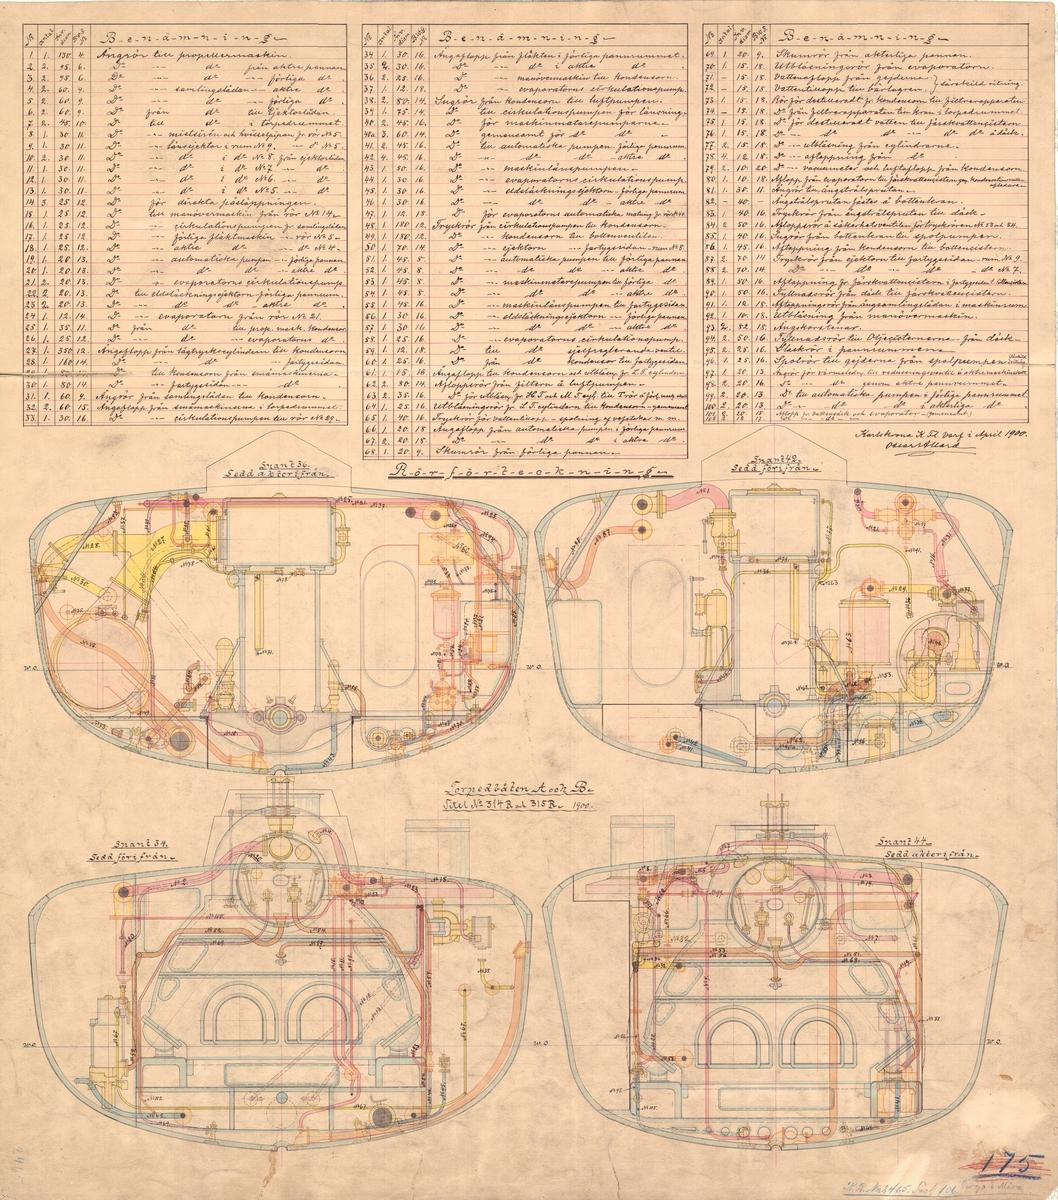 Tvärsektionsritning för torpedbåtarna A och B:s ångmaskin jämte rörförteckning. Notering med blyerts på ritningen: Virgo å Mira.